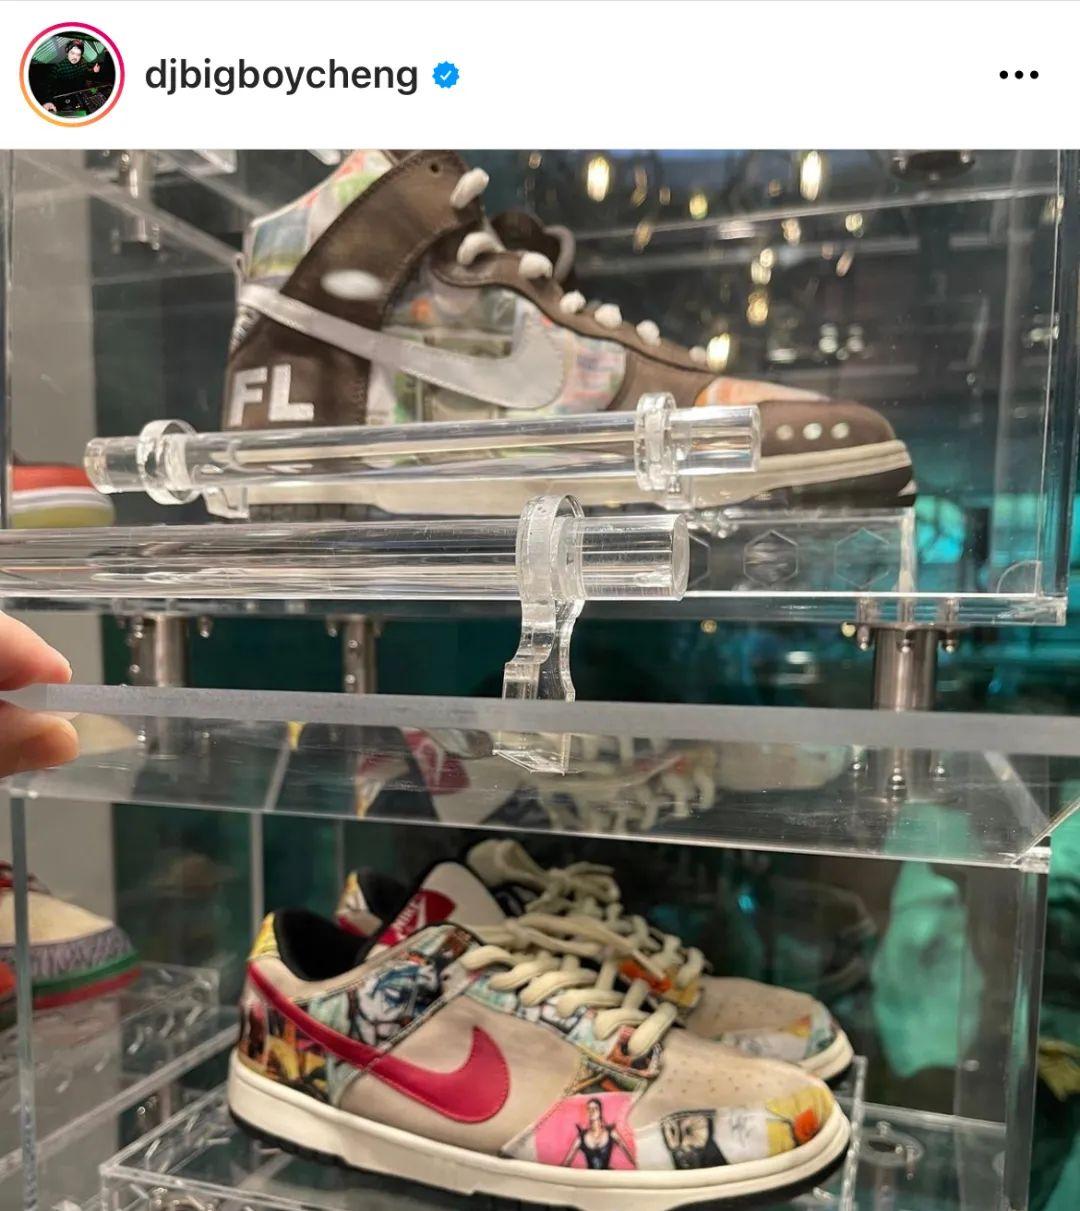 富可敌国!菲律宾富二代拿下50双Off-White x 耐克Dunk,他的球鞋用金库放···